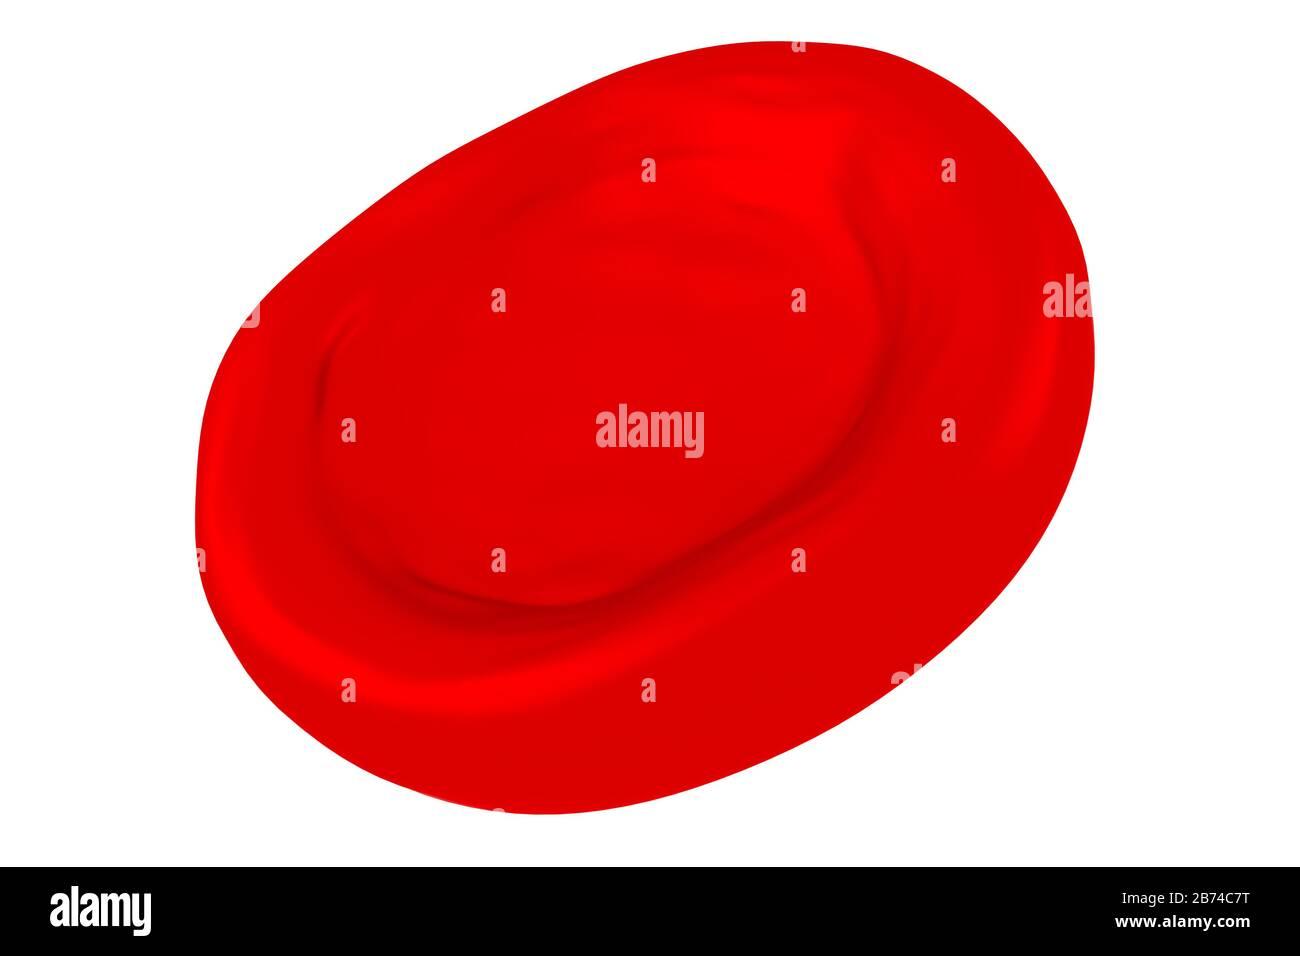 Cellule de sang rouge tridimensionnelle - isolée sur fond blanc Banque D'Images